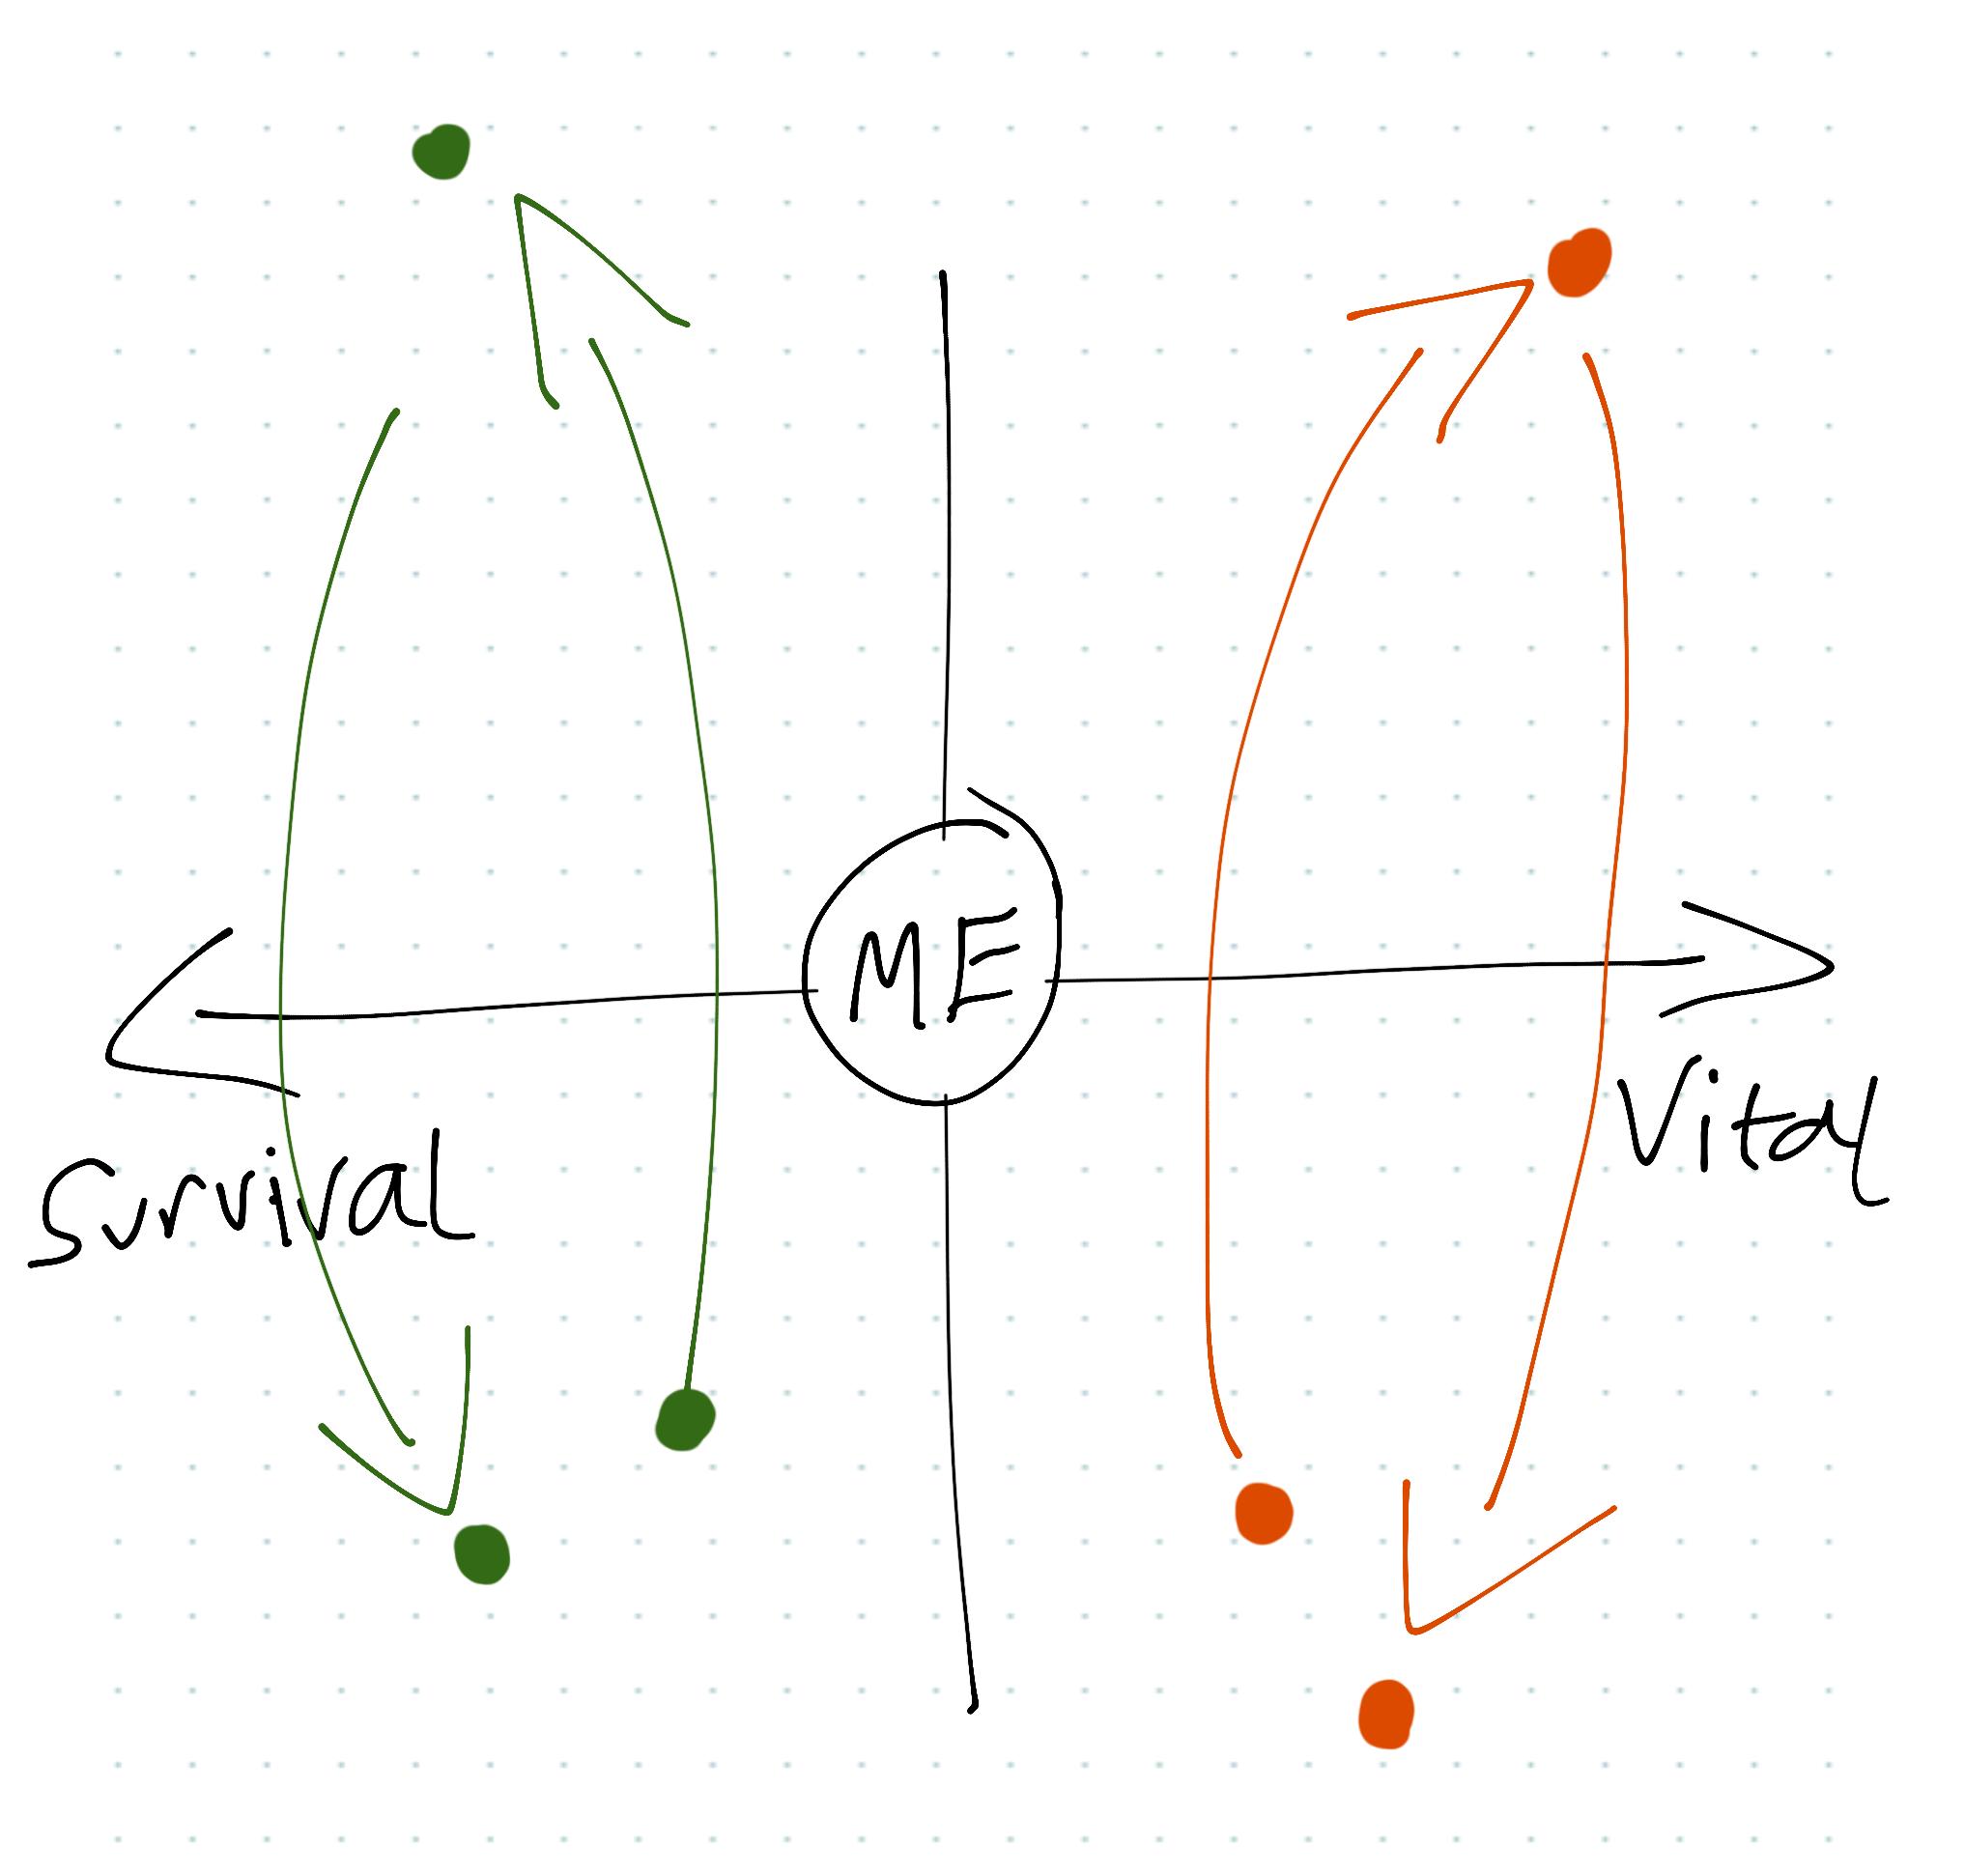 Survival Vital Matrix.png